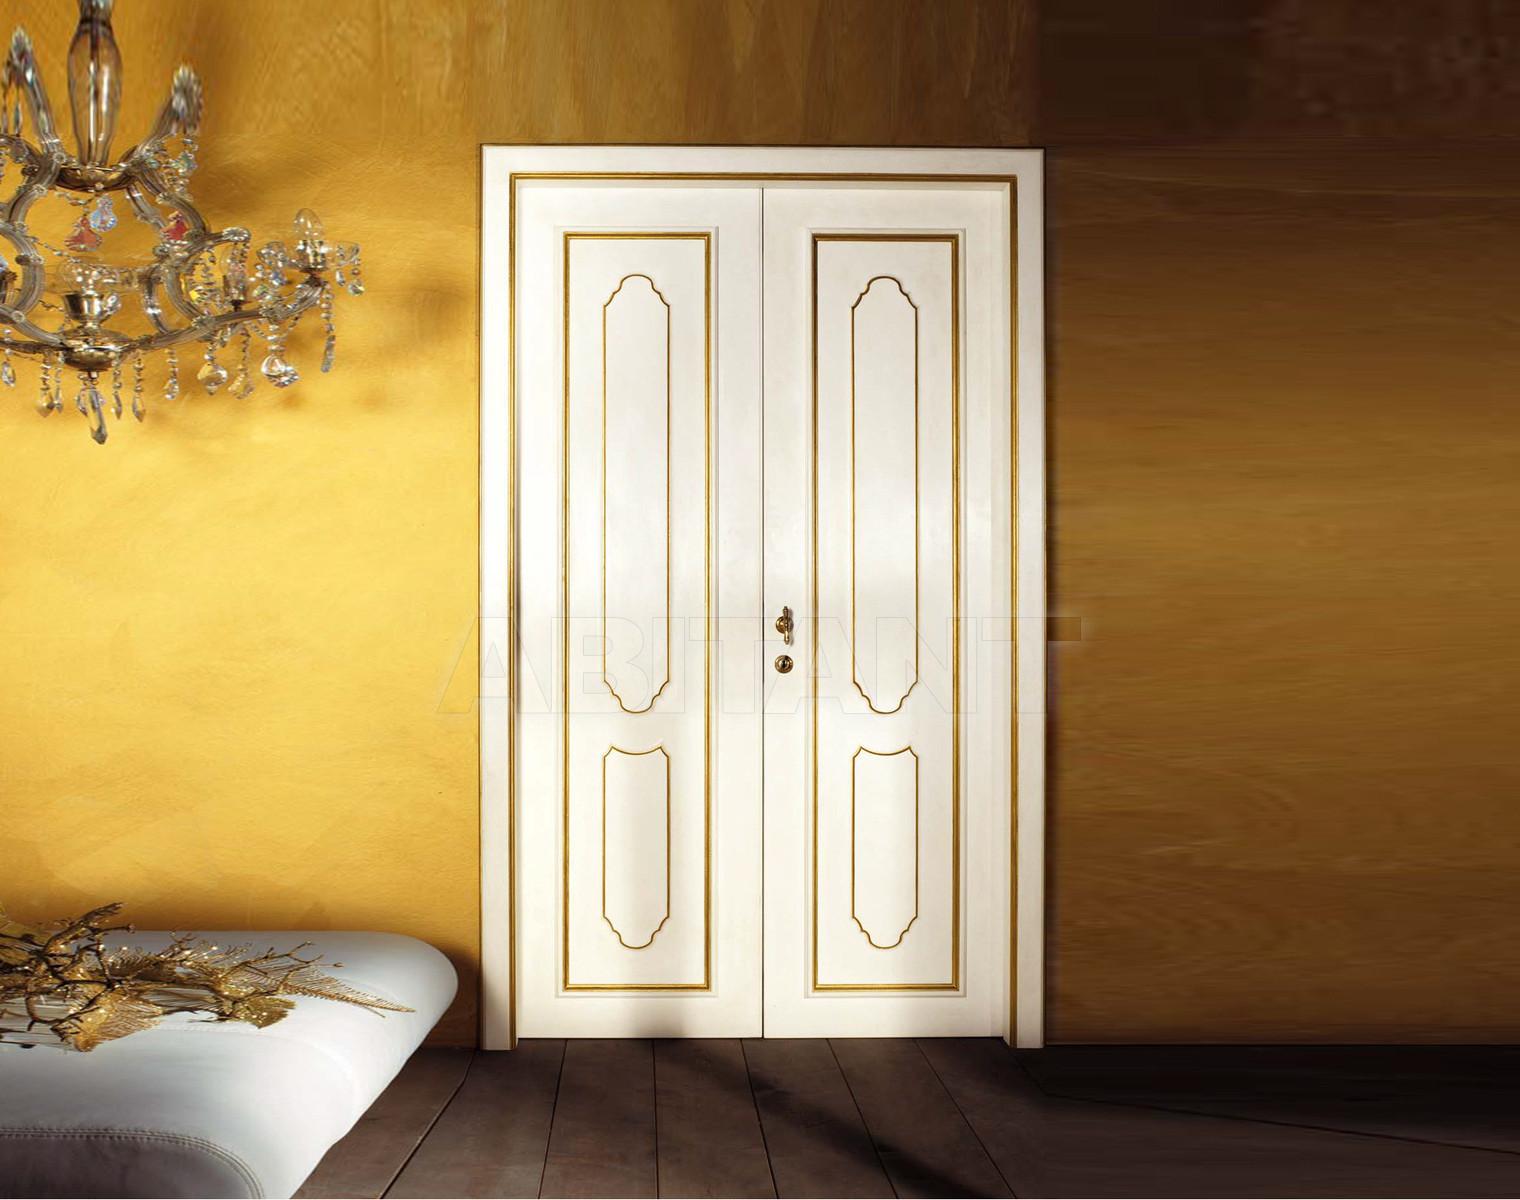 Купить Дверь двухстворчатая Tiferno Mobili Dinasie J1COP04 pag. = 31